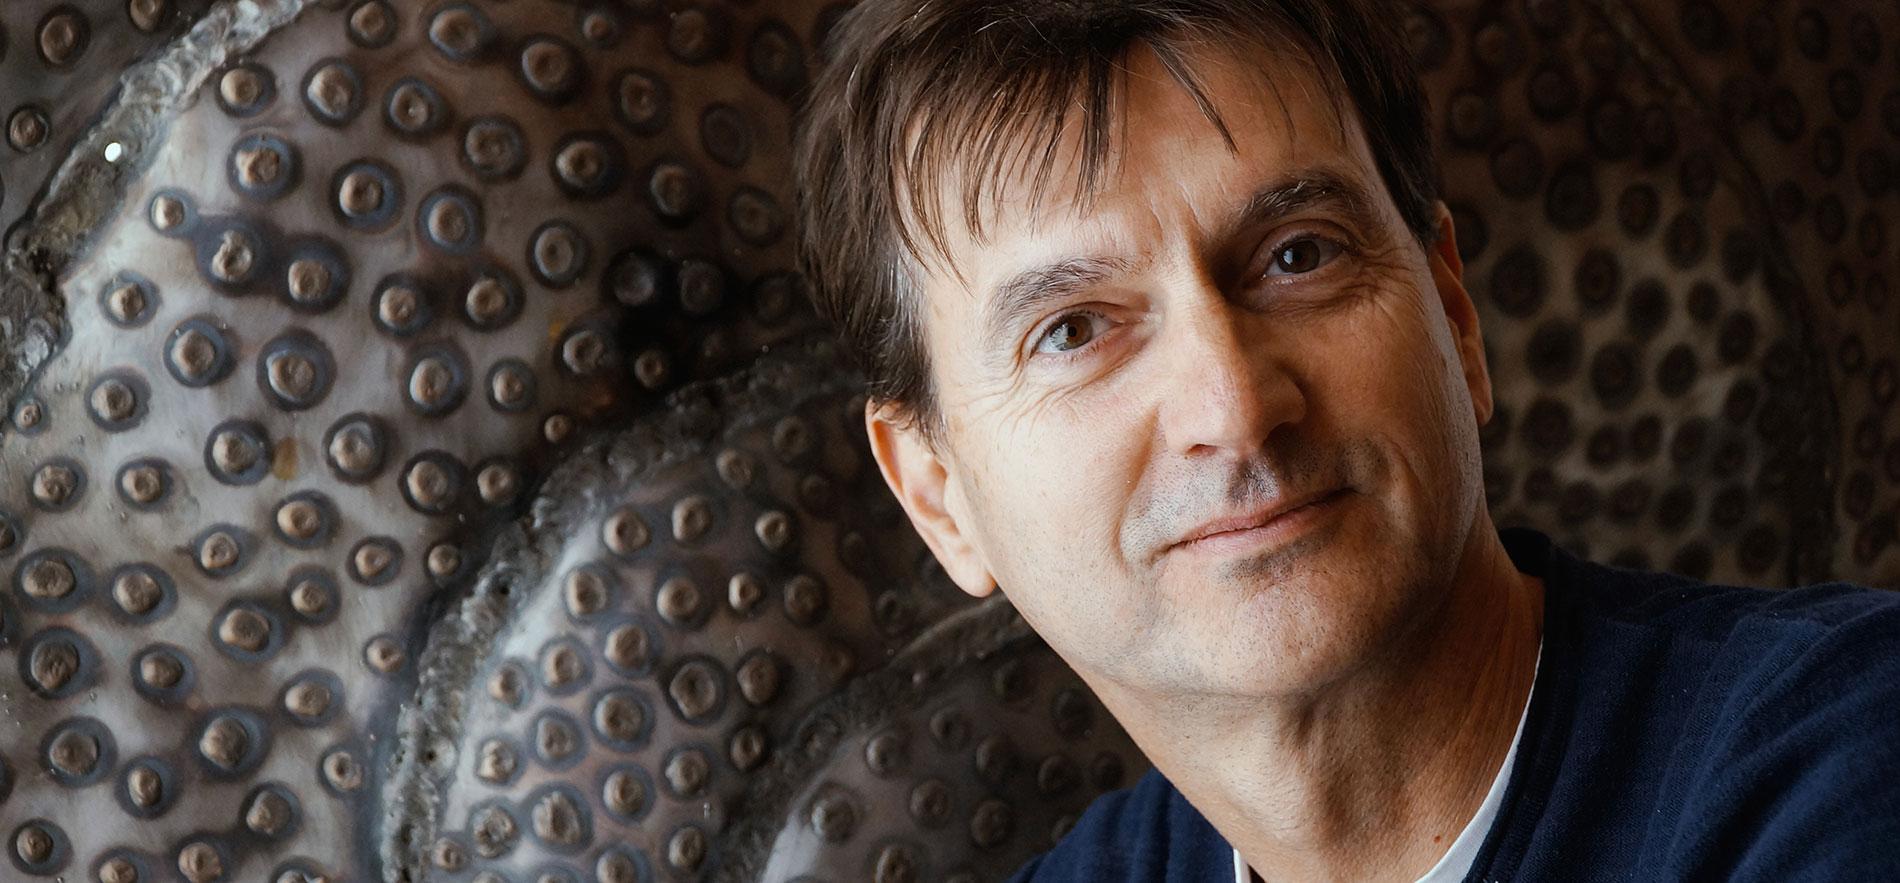 Tibor Jakabovics